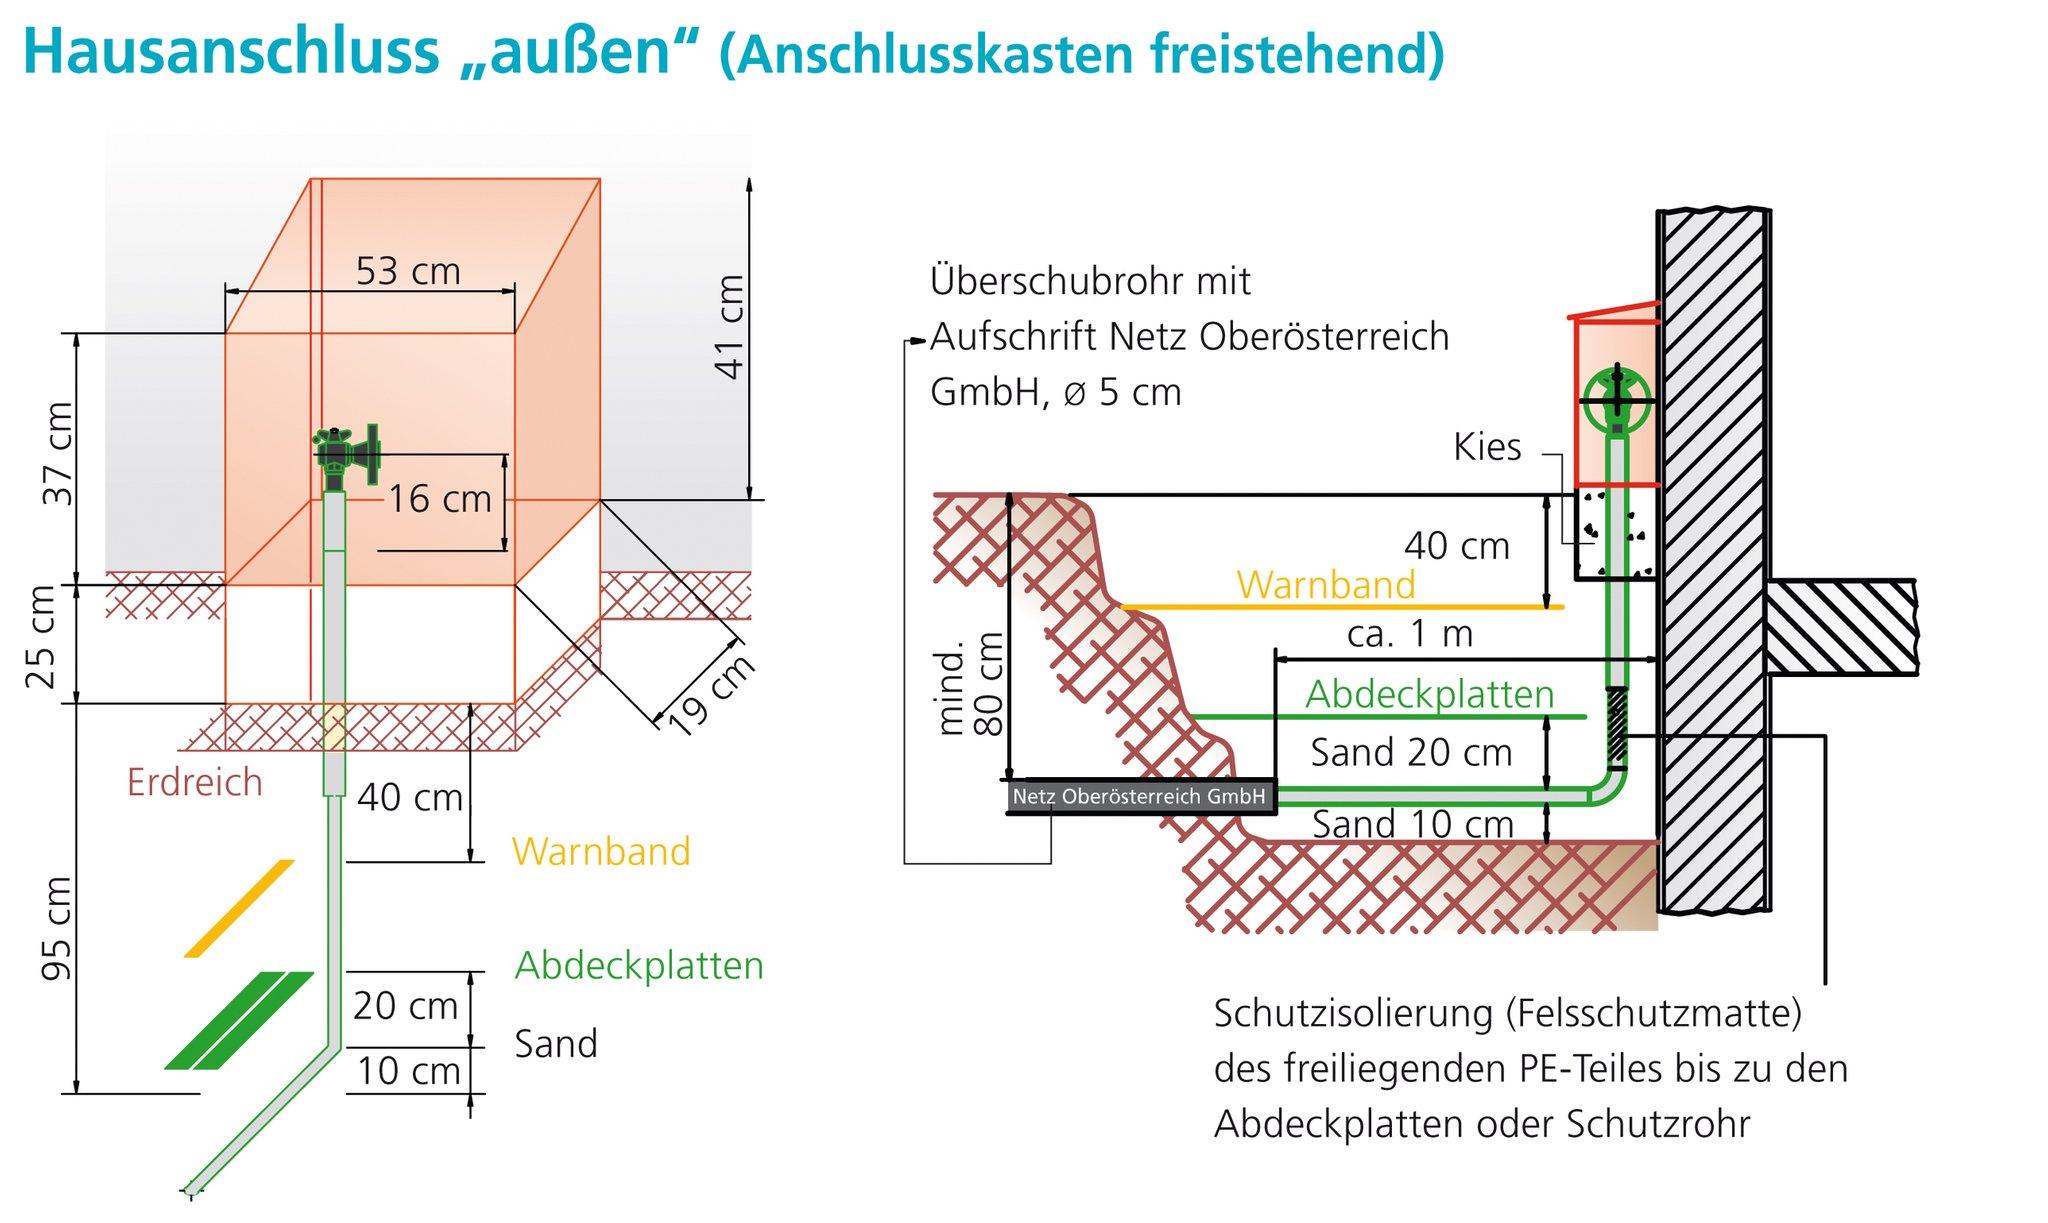 Wunderbar Wie Man Haus Elektrische Verdrahtung Macht Zeitgenössisch ...